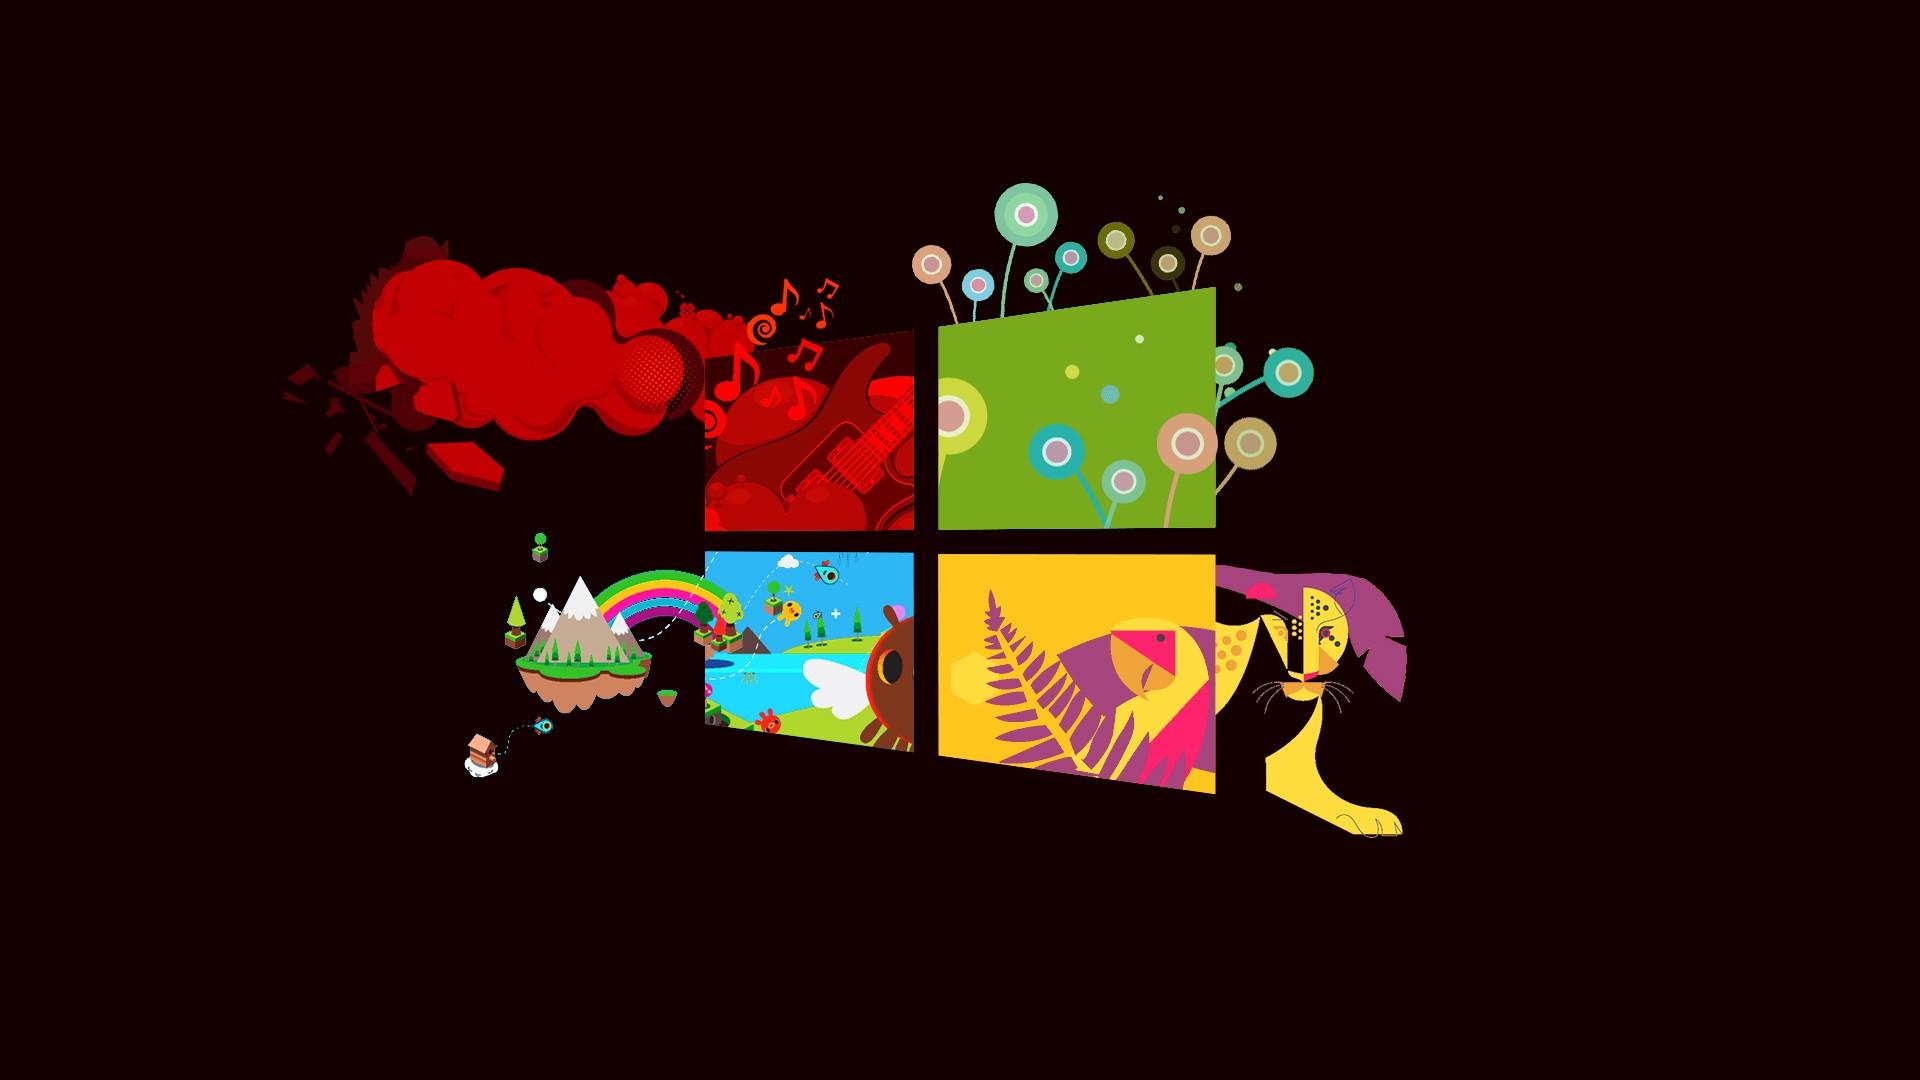 Red Windows 8 Windows Wallpaper 1920x1080 193530 Wallpaperup